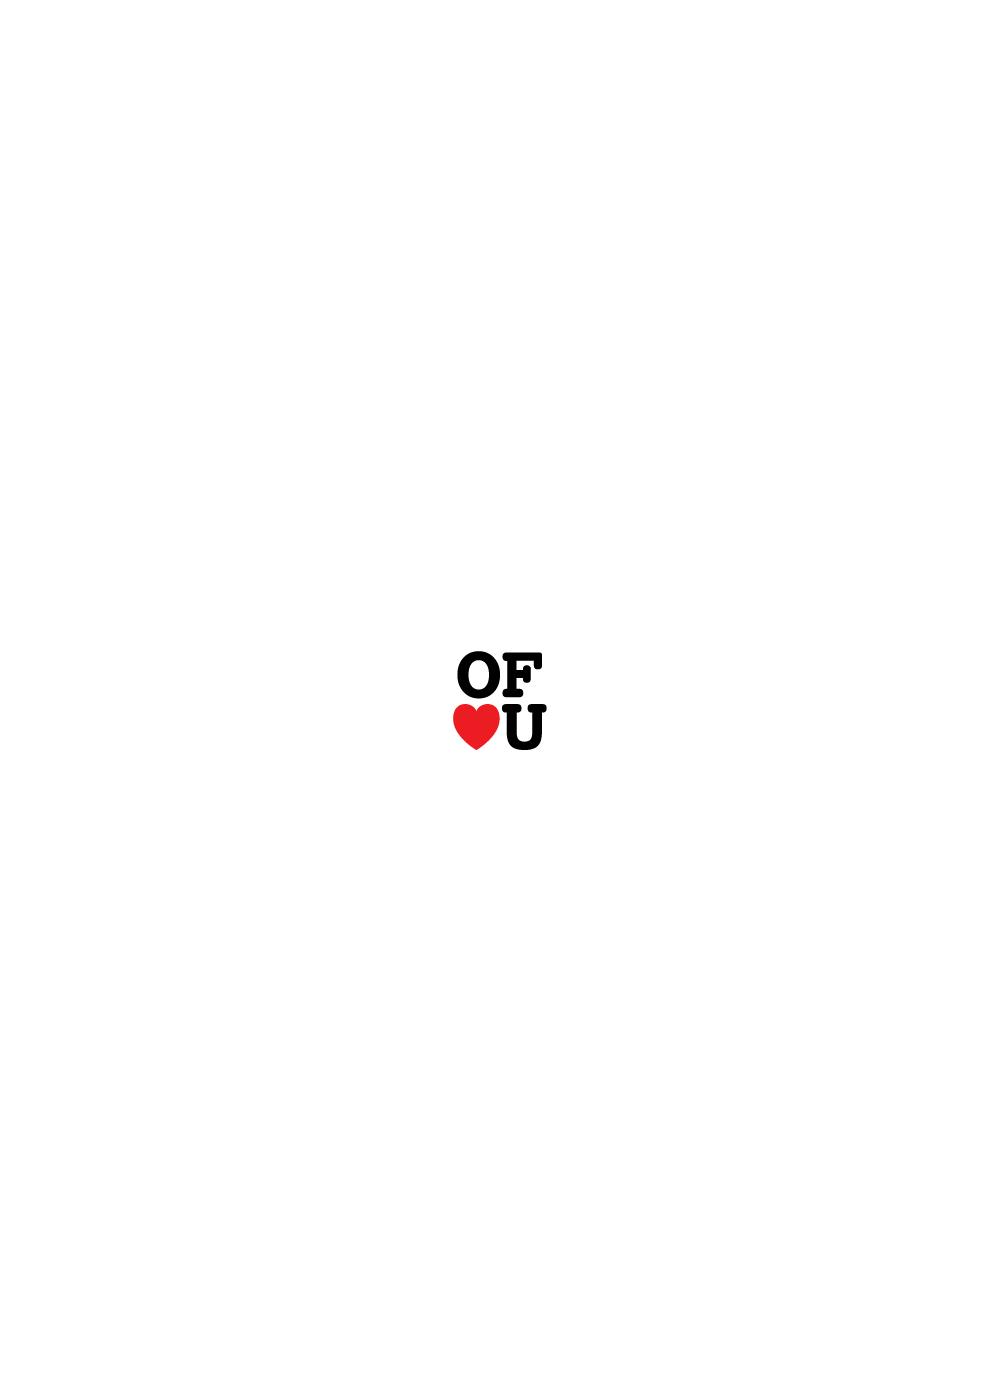 WorkOFlove-Logo